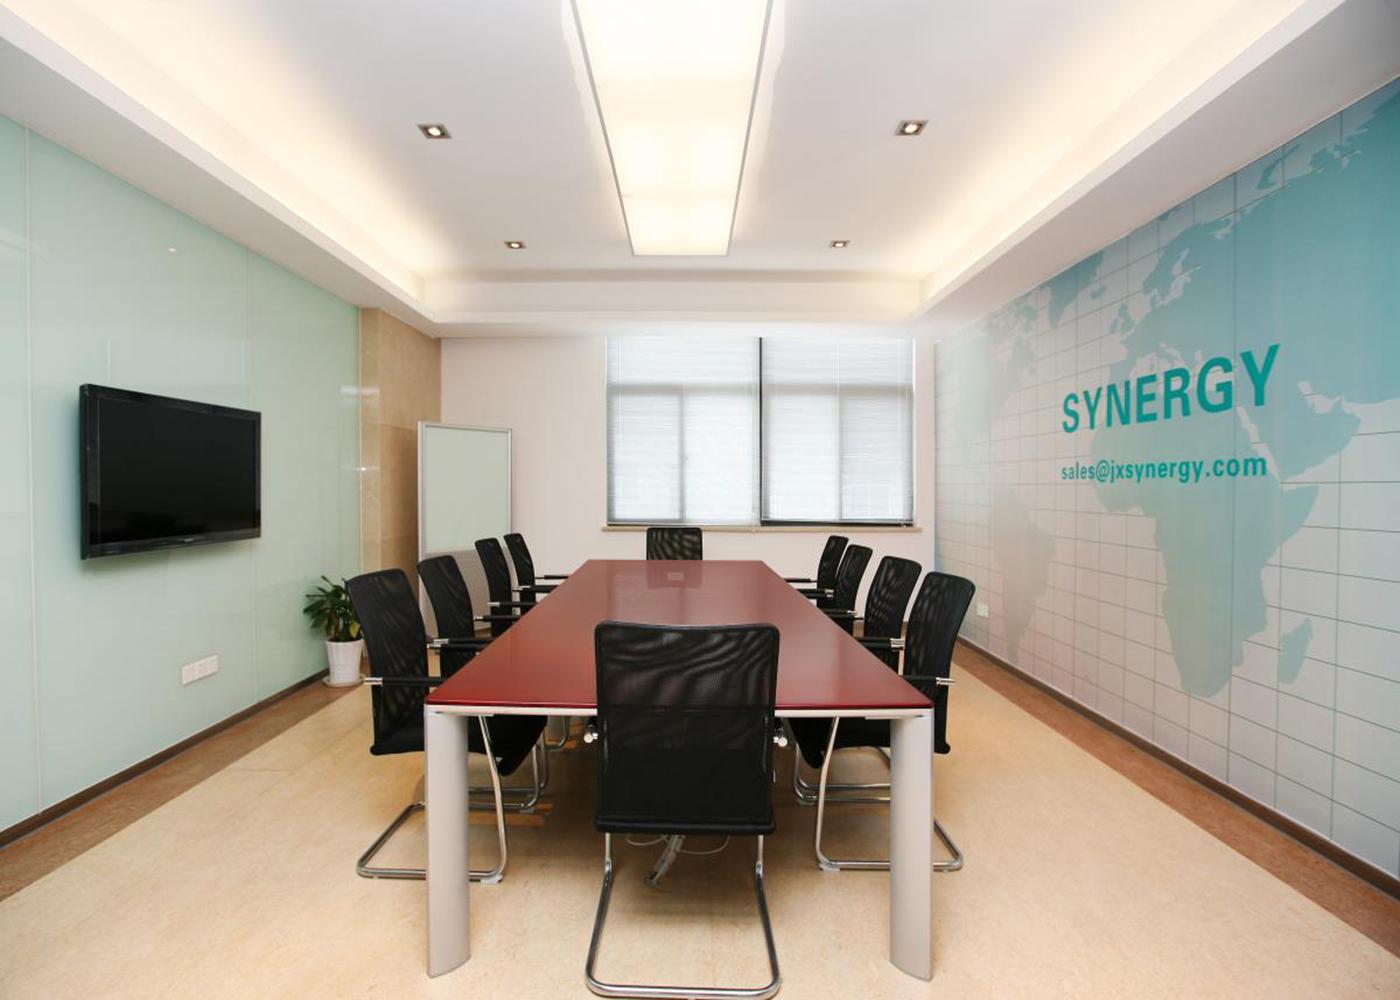 雷蒂斯会议桌A21,上海会议桌,【尺寸 价格 图片 品牌】